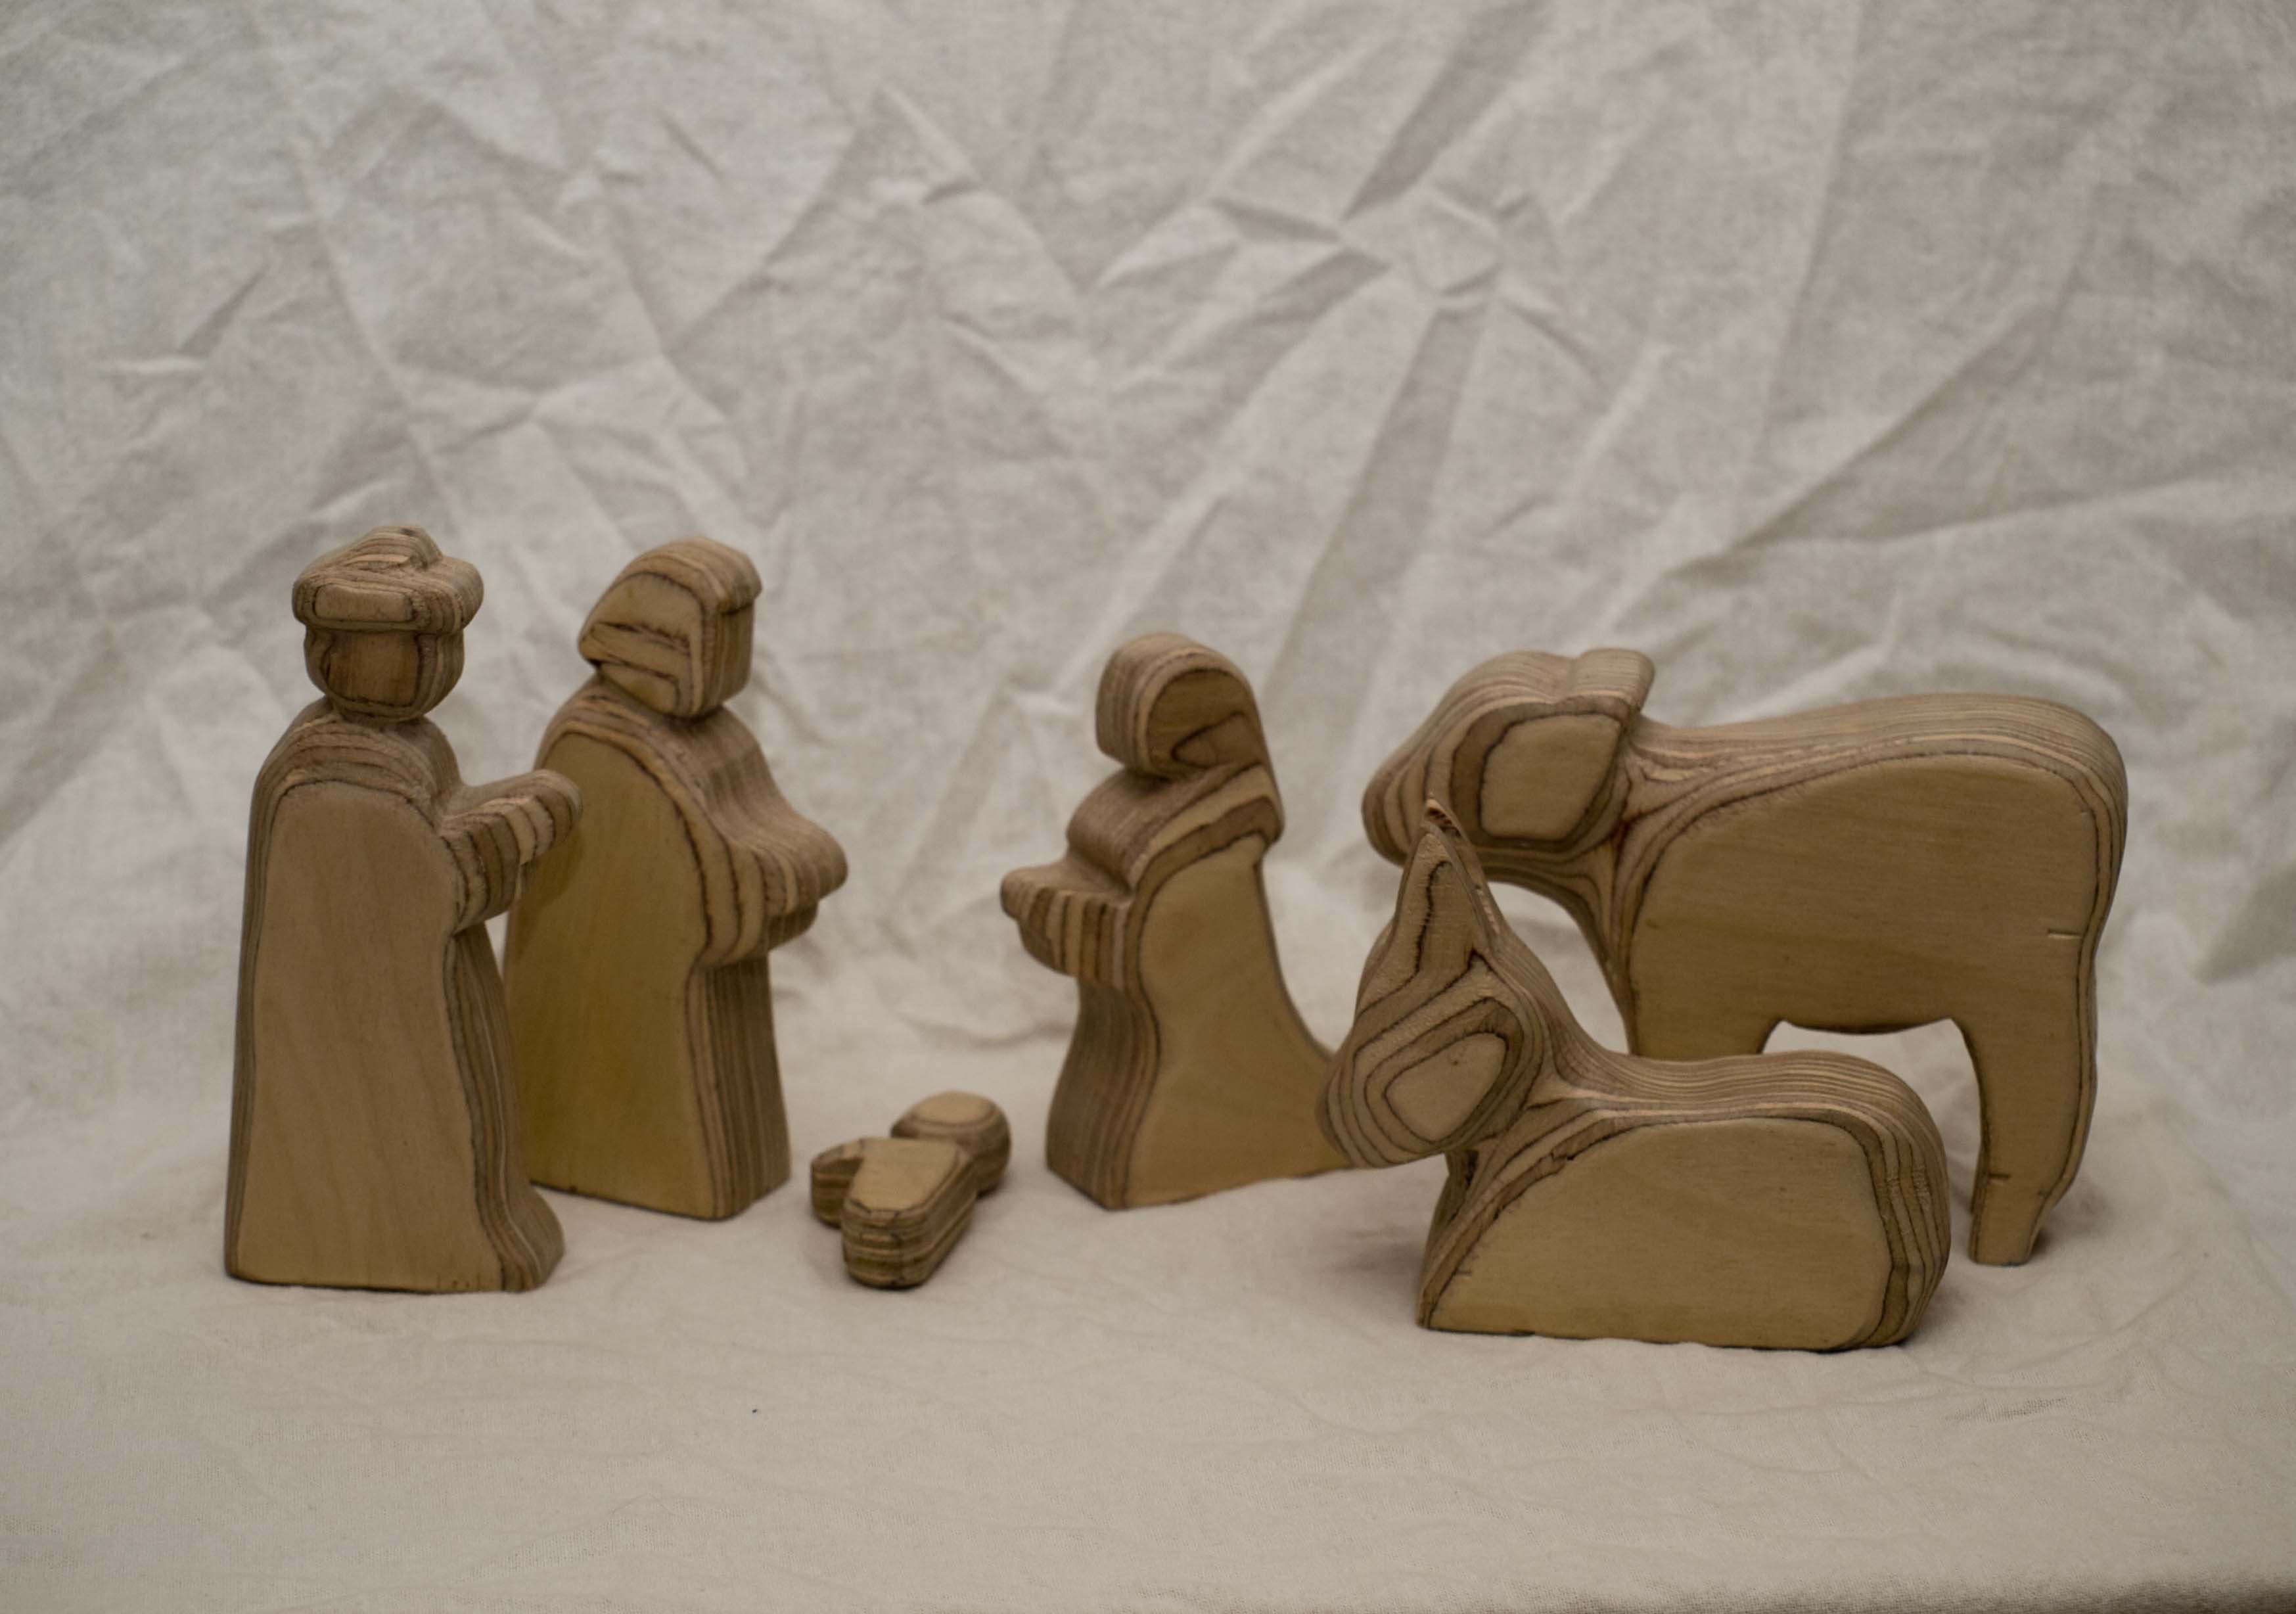 krippenfiguren bauanleitung zum selber bauen heimwerker forum holz pinterest nativity. Black Bedroom Furniture Sets. Home Design Ideas